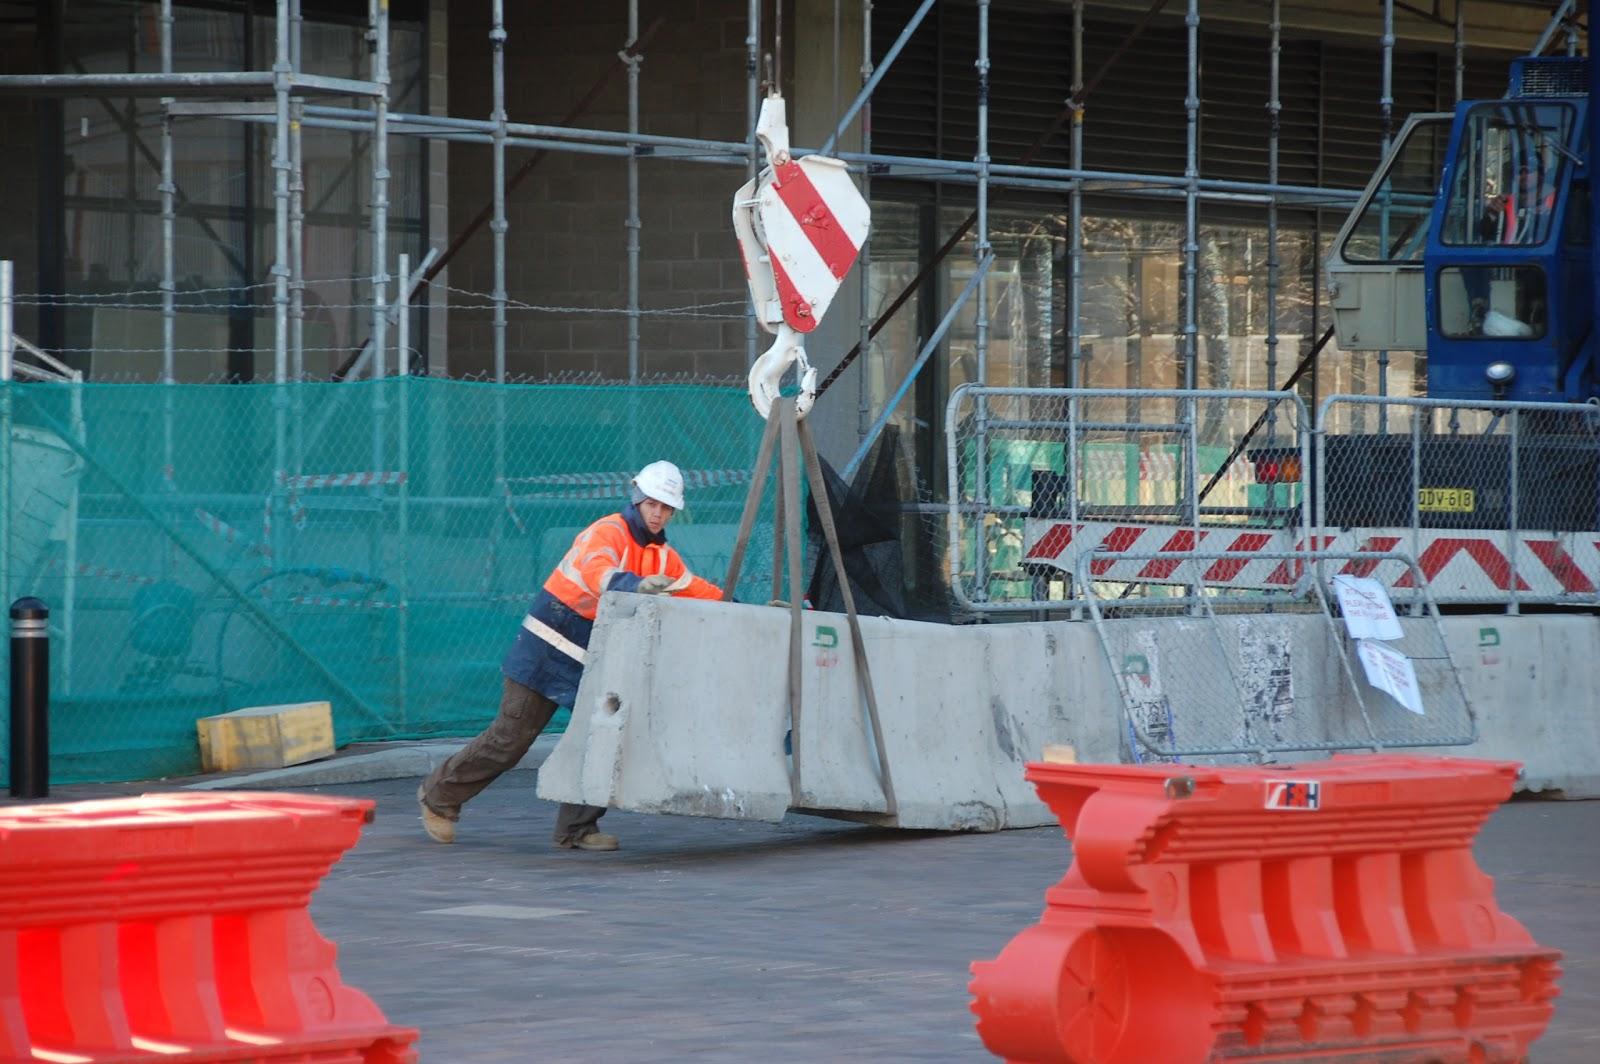 Barrier Jumps Galleries Barrier Construction